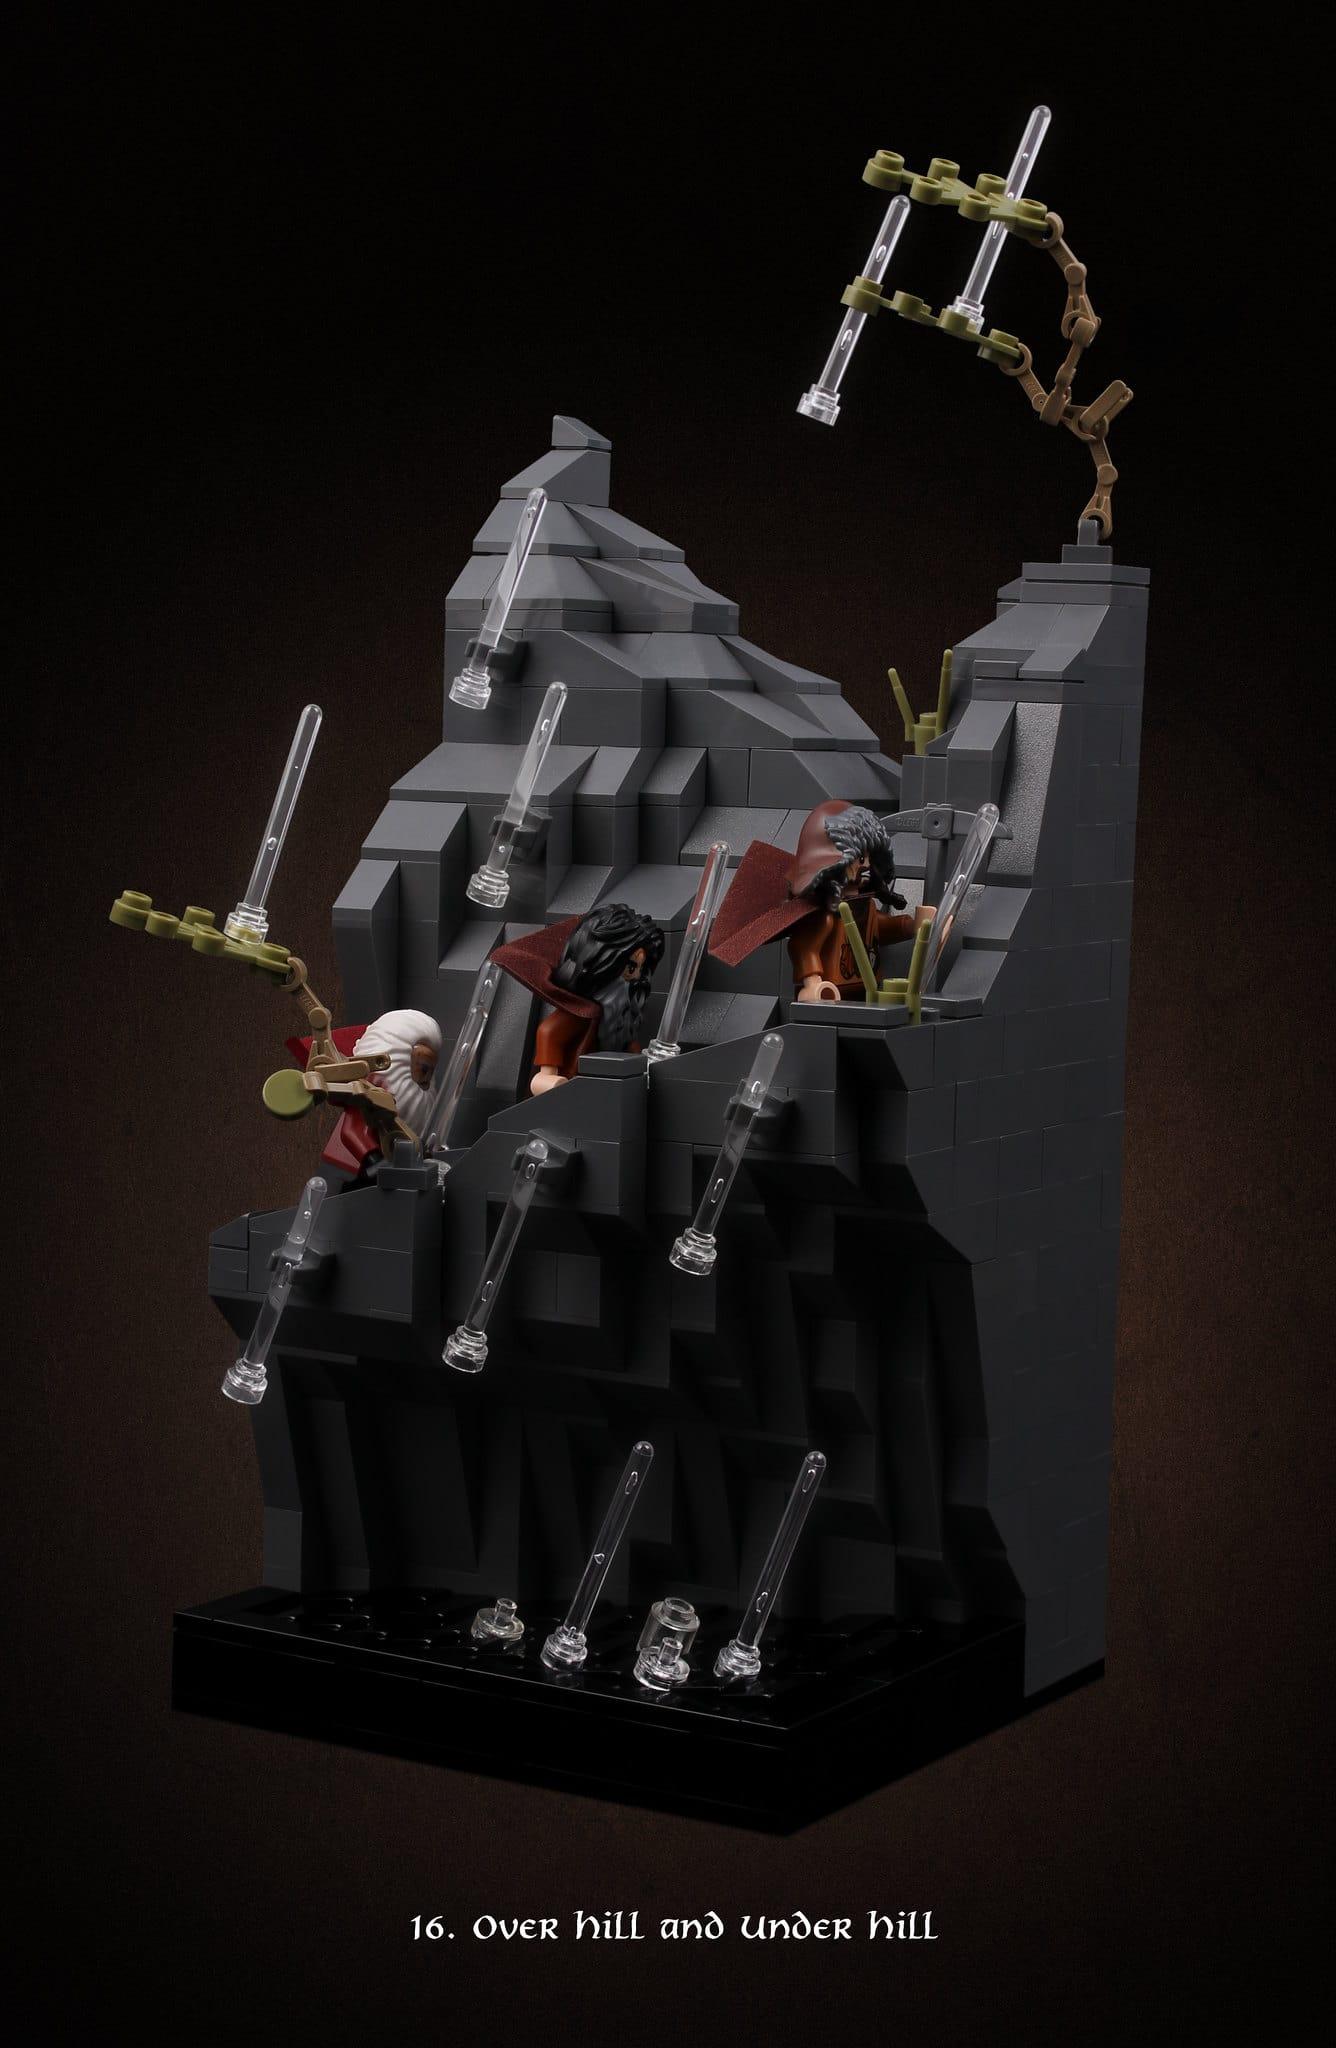 LEGO Hobbit Thorsten Bonsch Vignetten Serie (16)